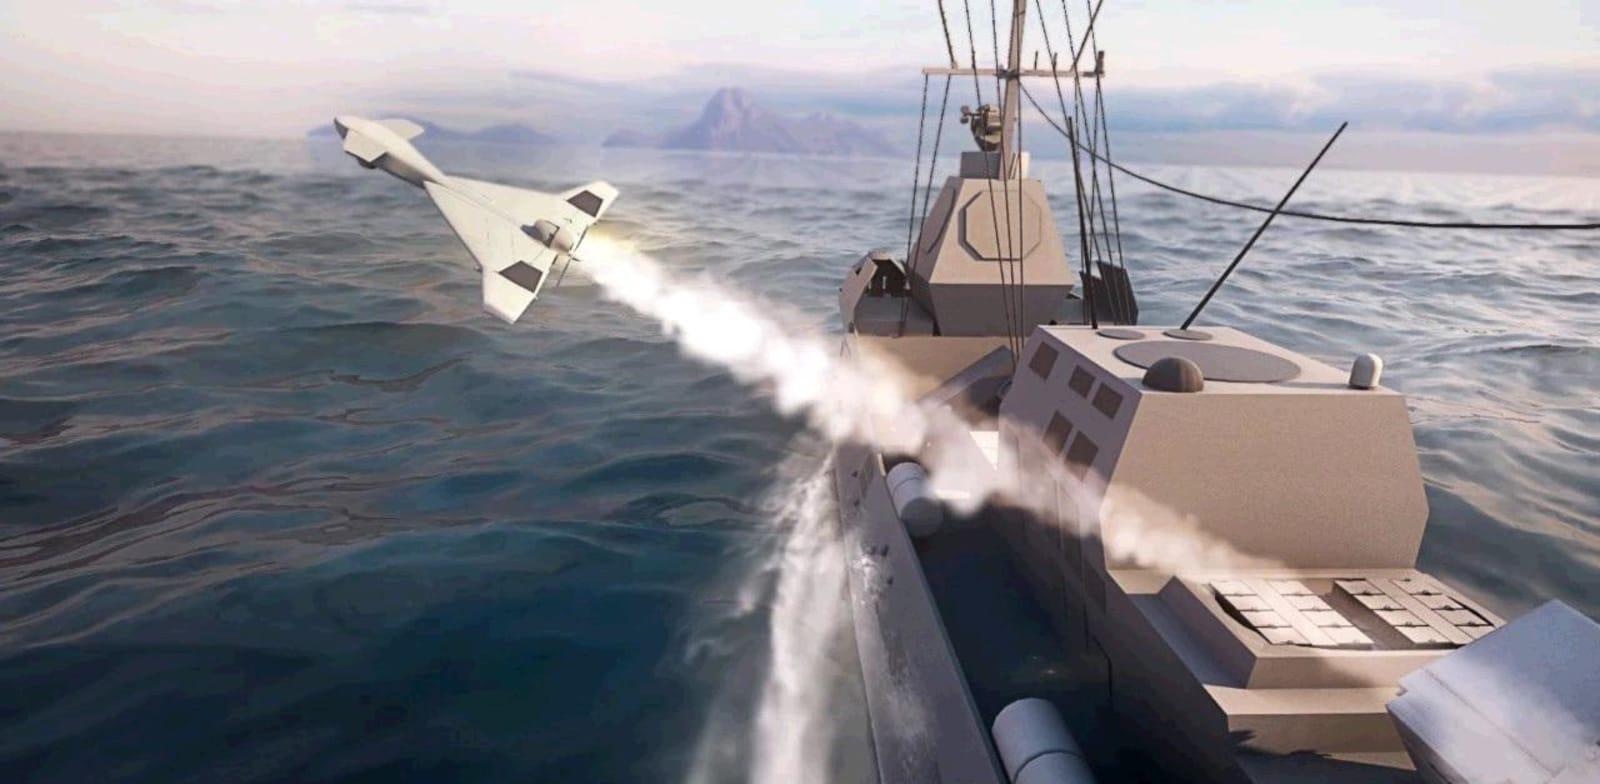 Harop naval missile Credit: IAI